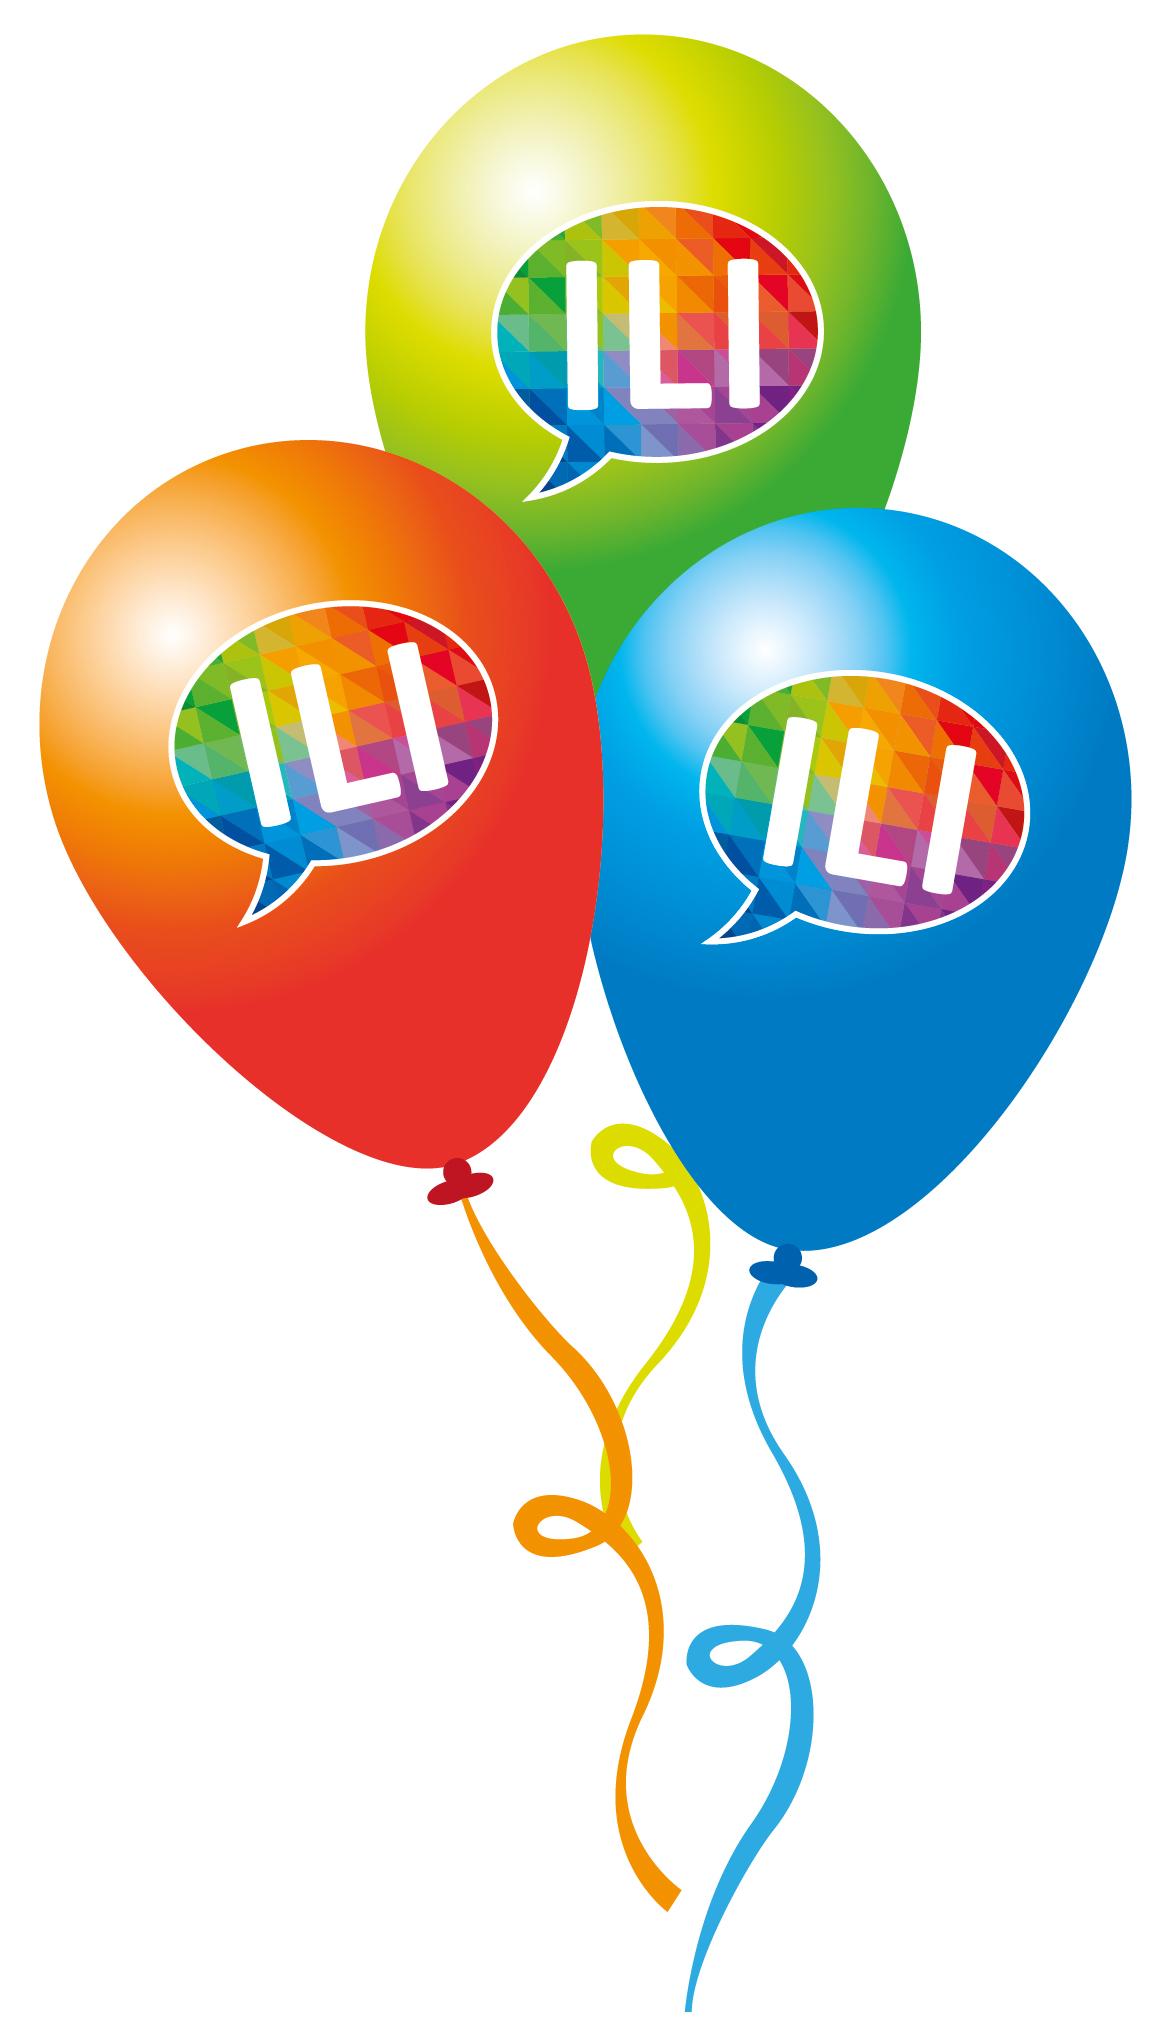 ILI balloons